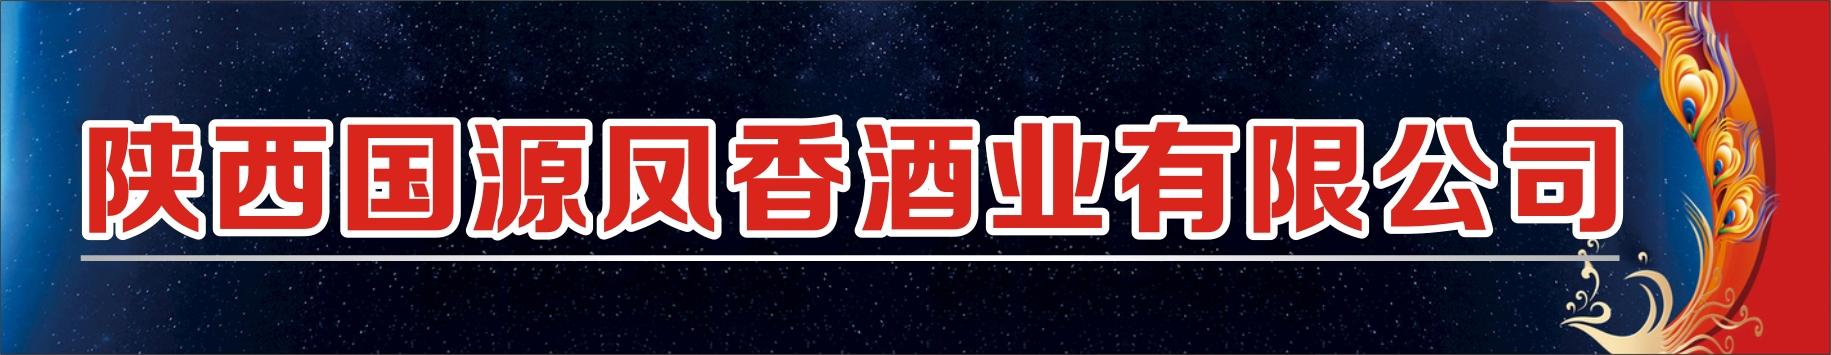 陕西国源凤香酒业有限公司